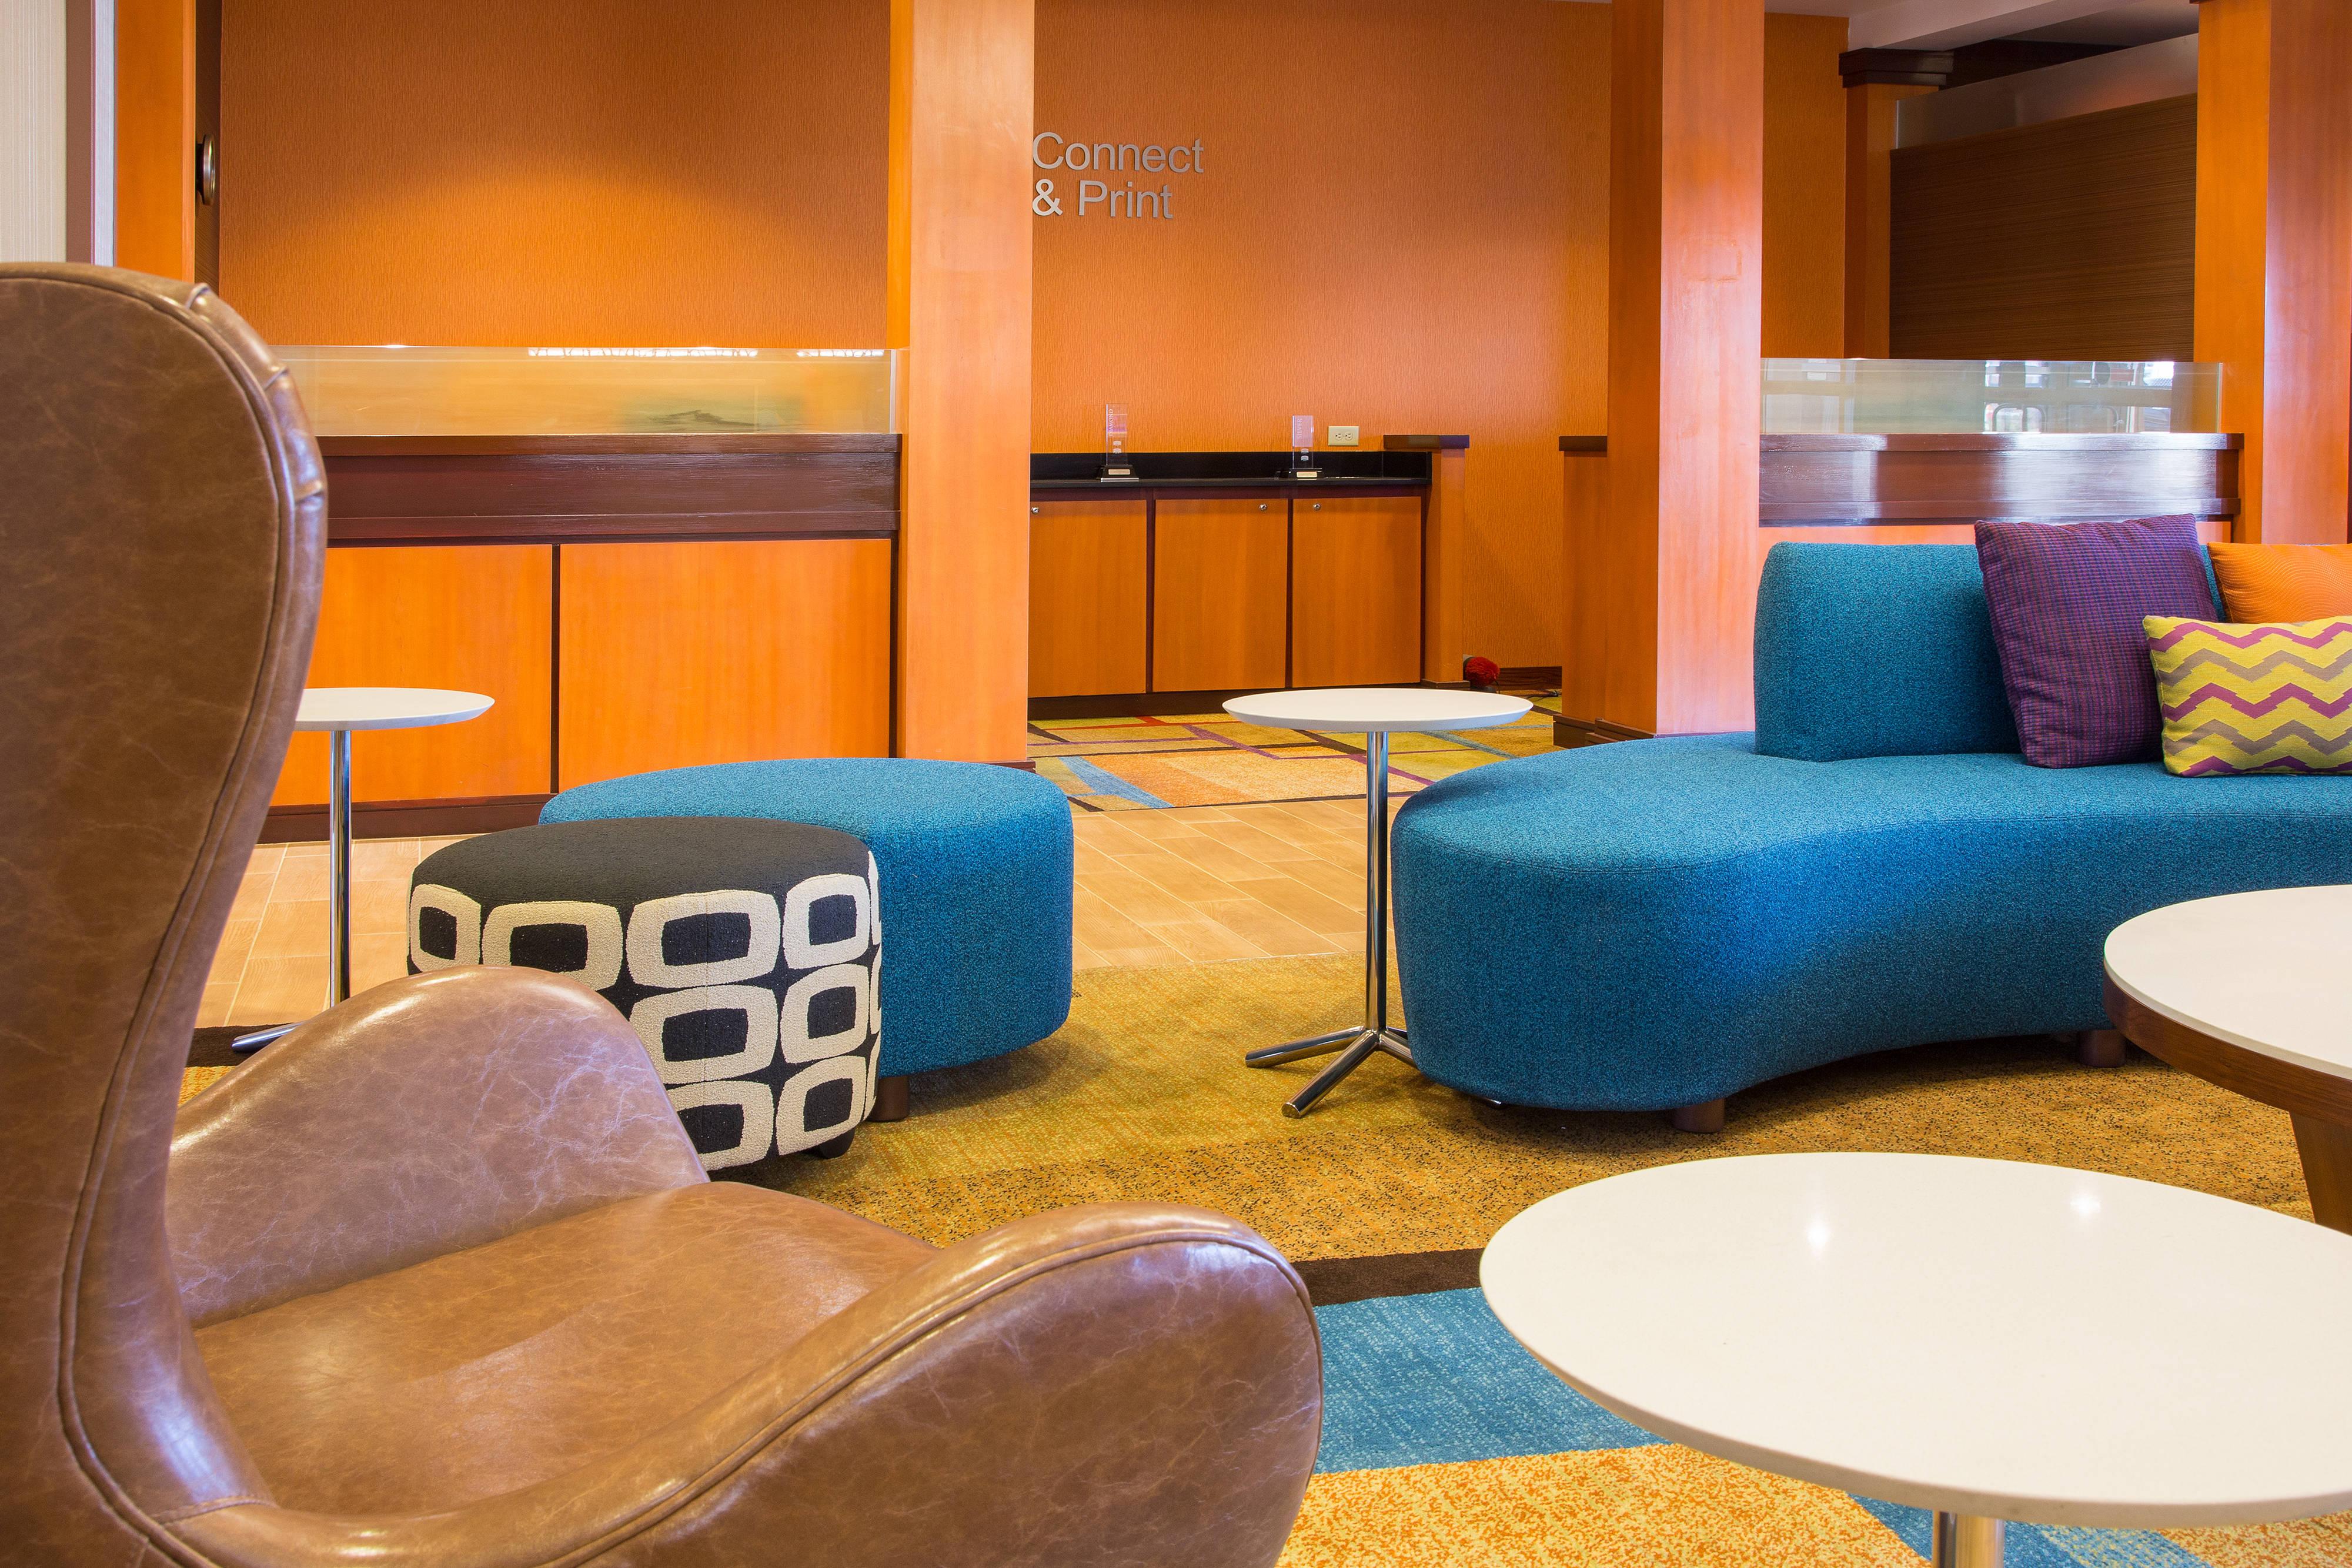 Fairfield Inn & Suites Columbus OSU Lobby